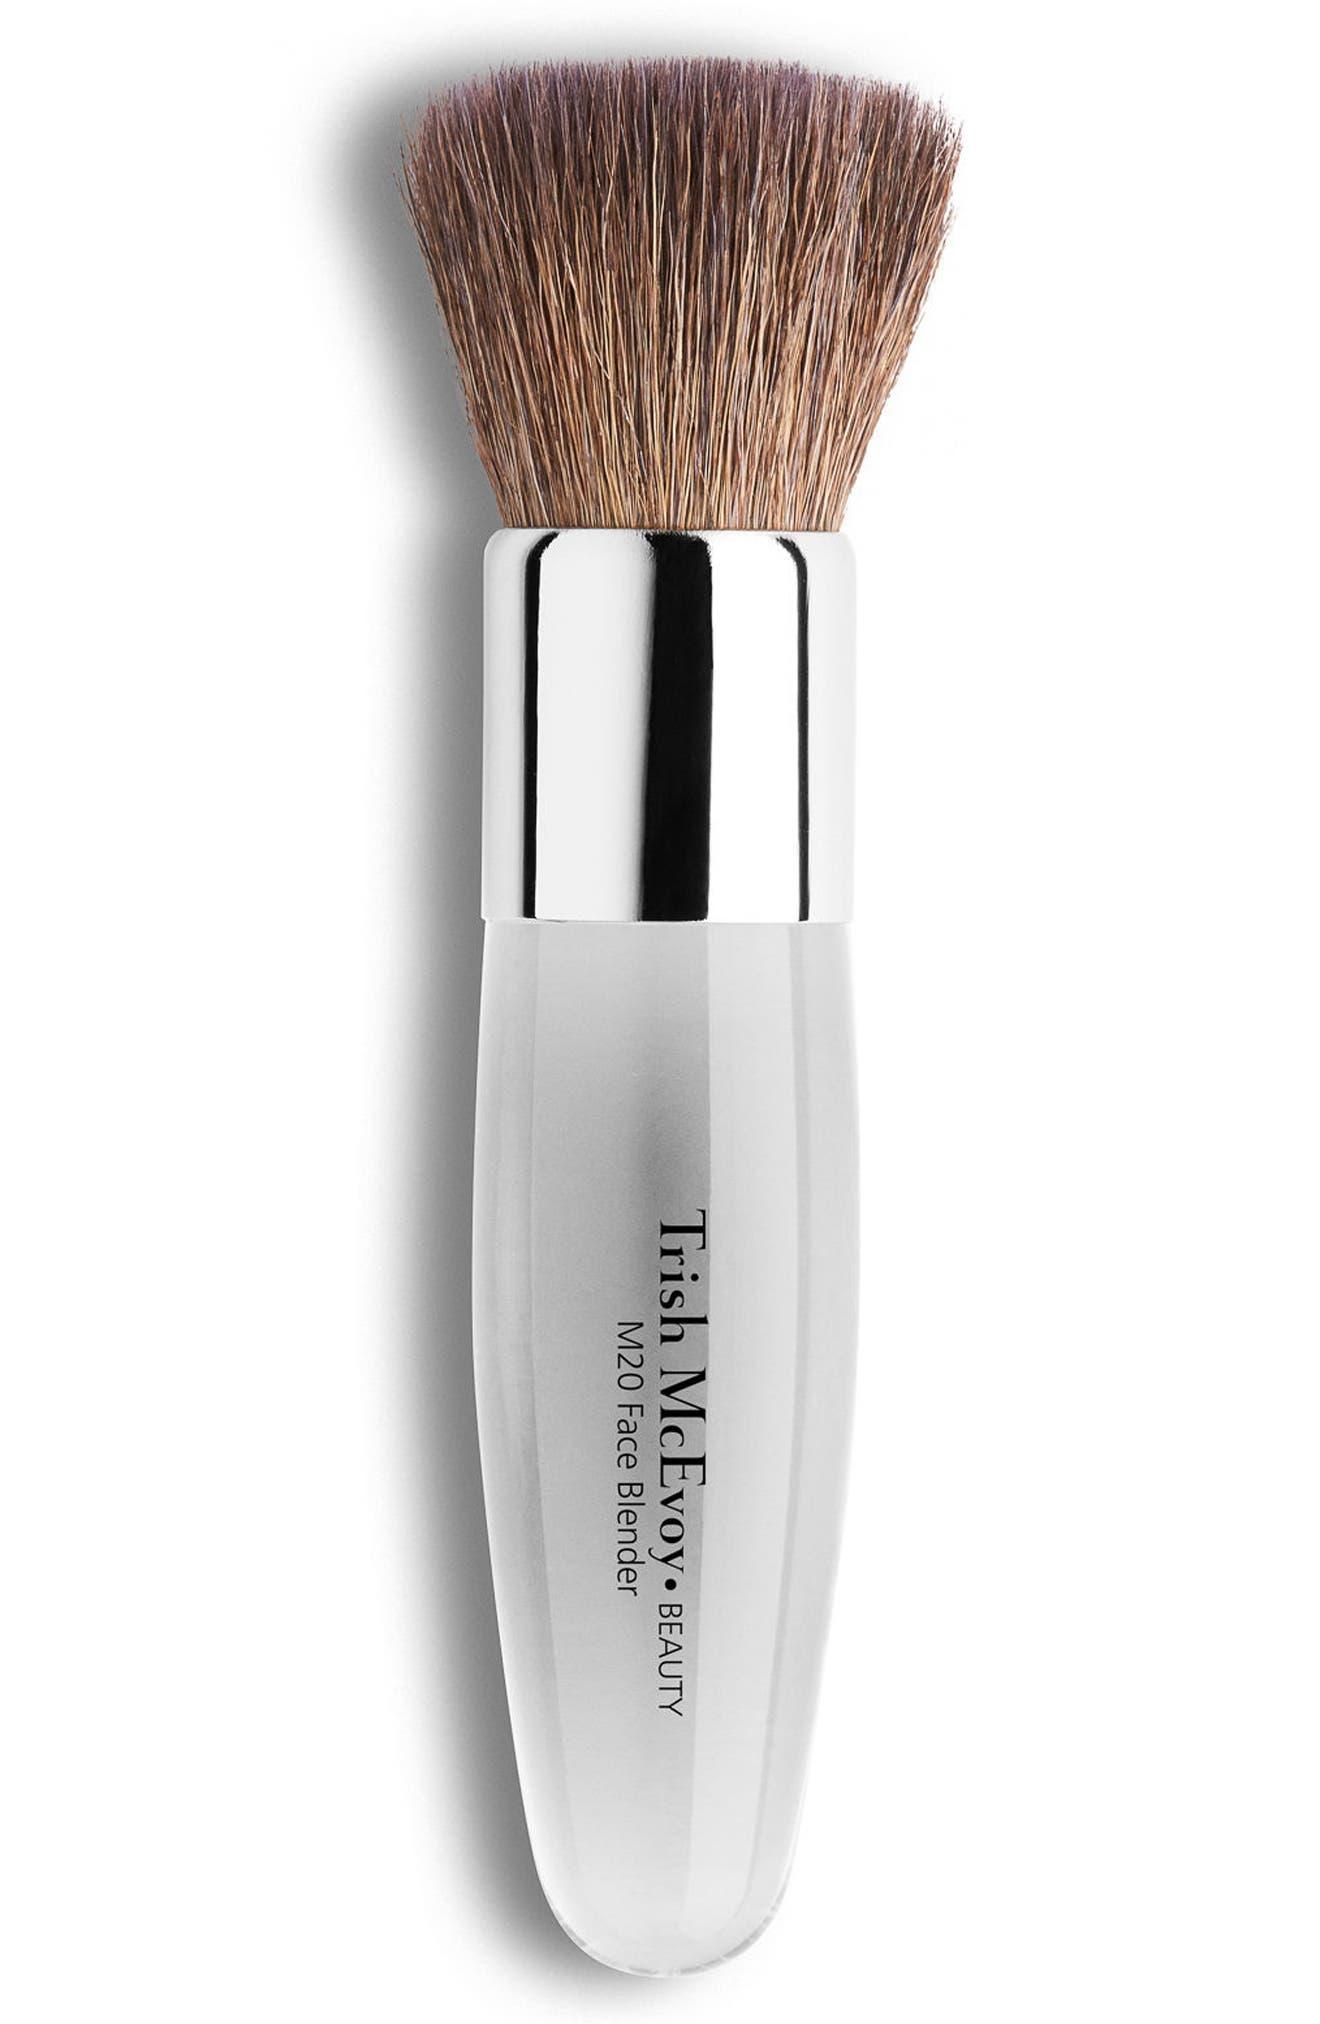 Main Image - Trish McEvoy #M20 Face Blender Brush